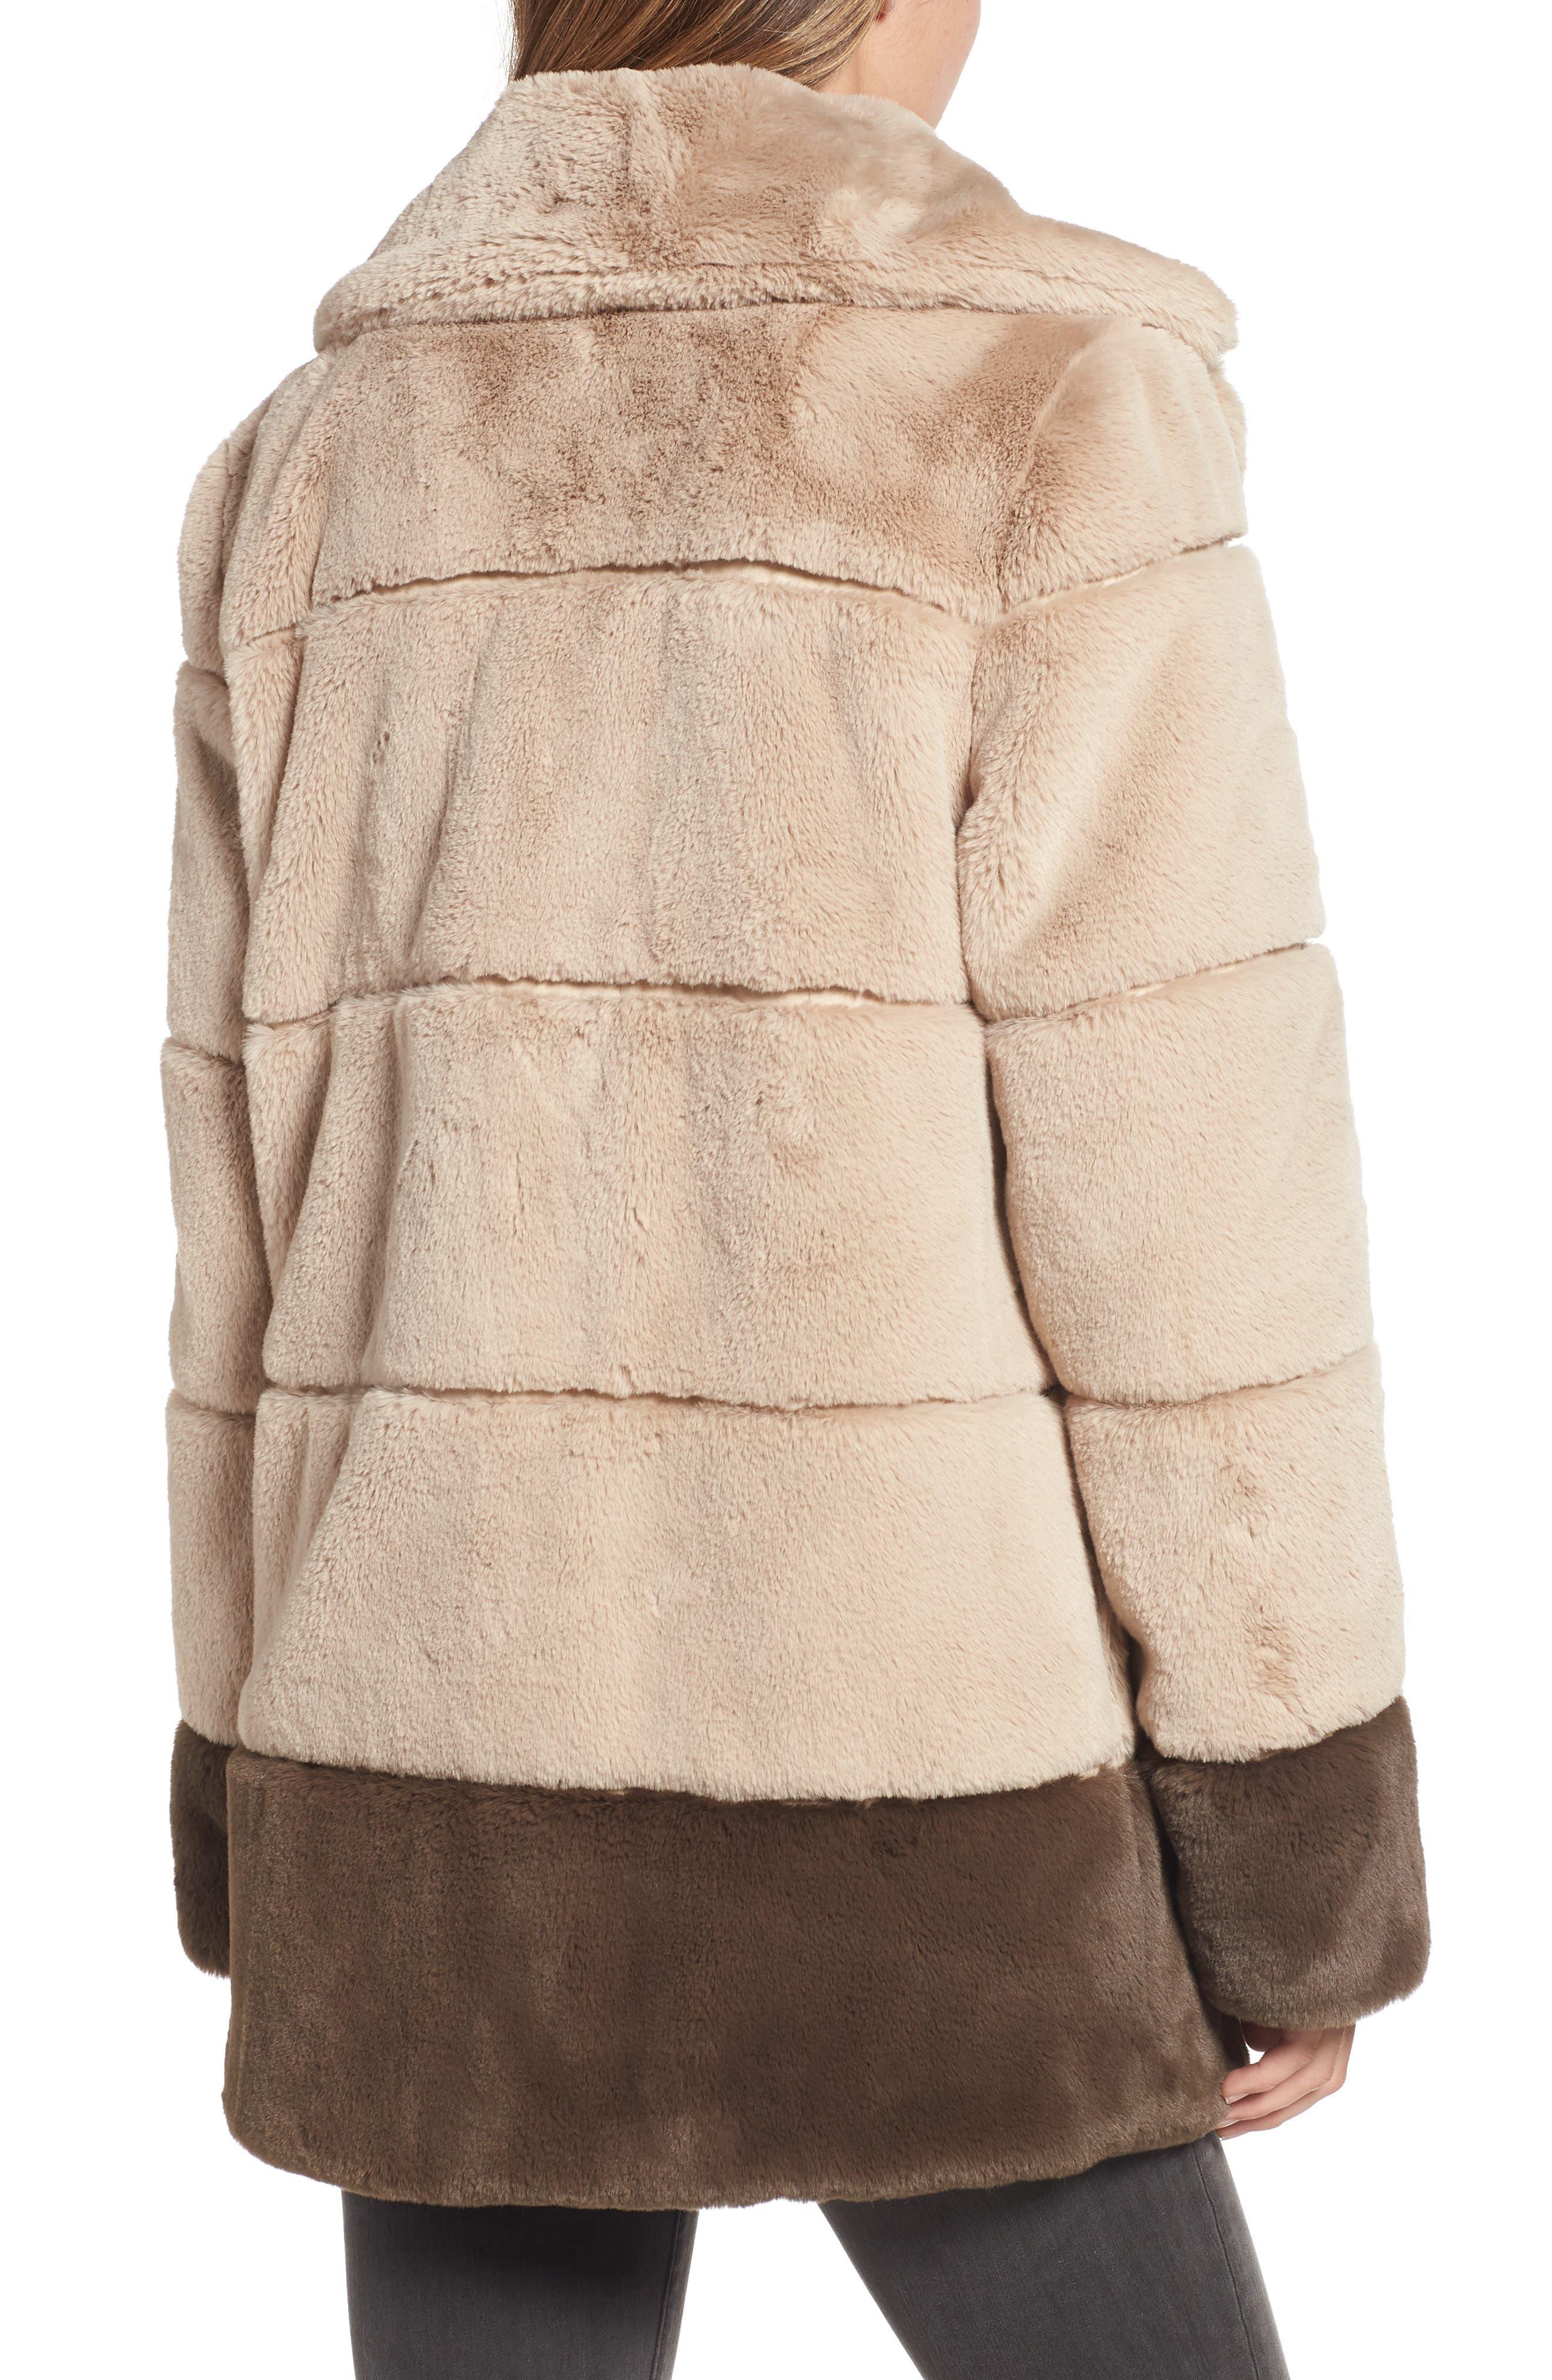 Colorblock Panel Faux Fur Jacket,                             Alternate thumbnail 2, color,                             BEIGE/ BROWN